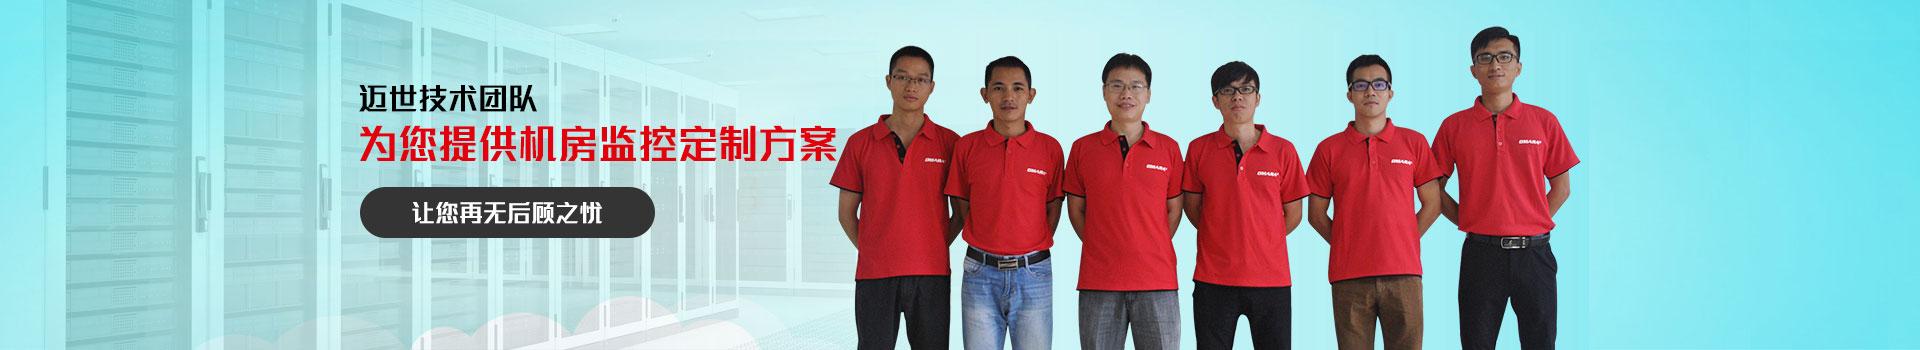 迈世专业技术团队,专业提供机房监控定制方案